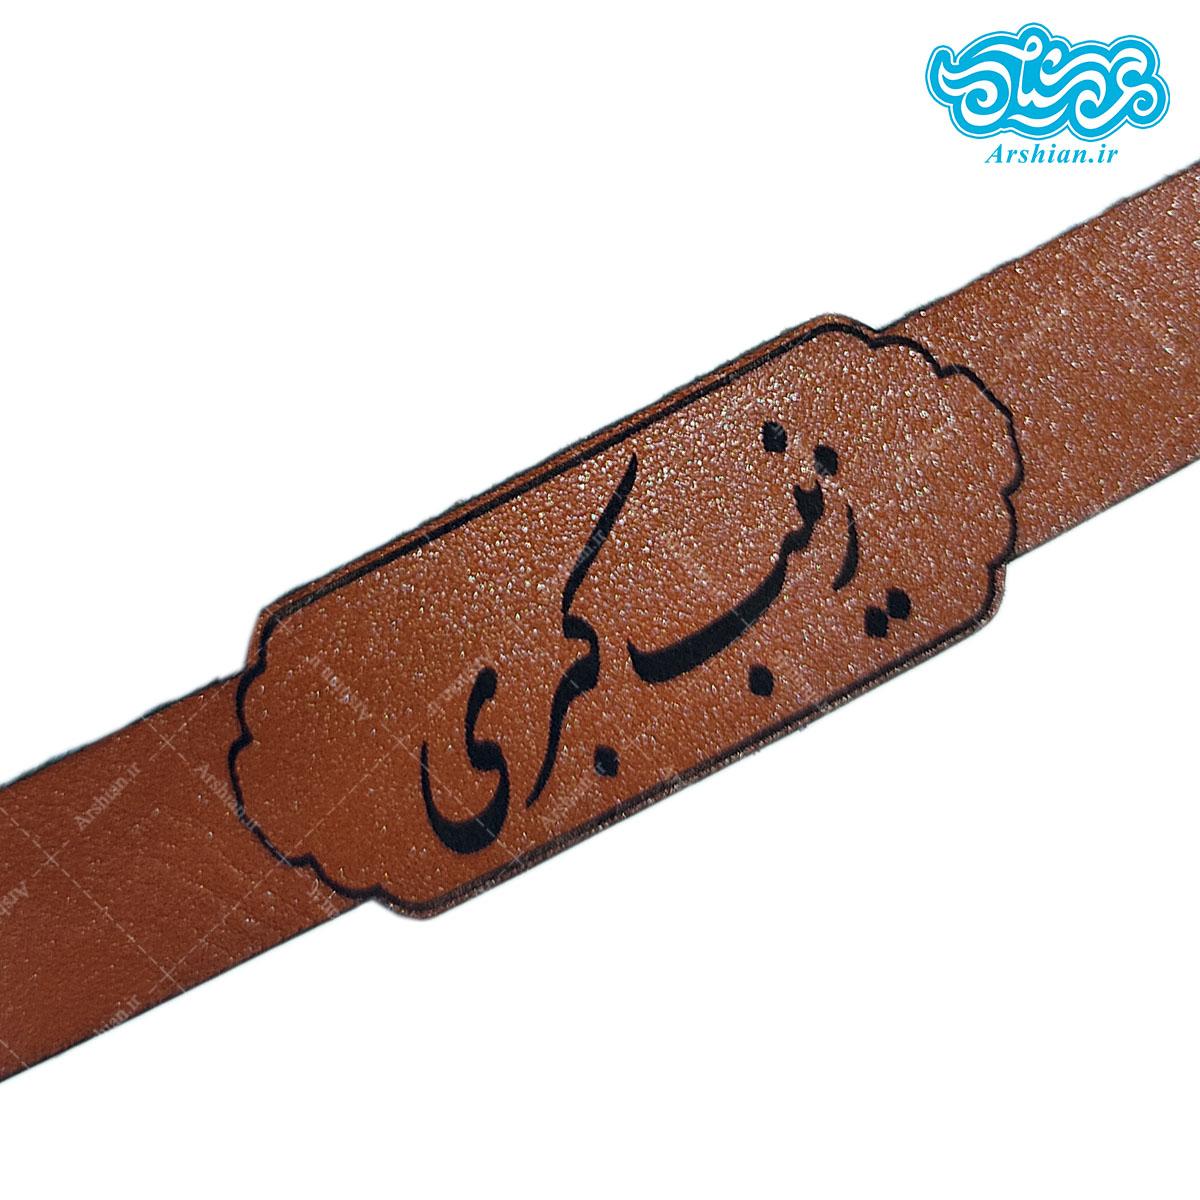 دستبند چرم باطرح زینب کبری کد006